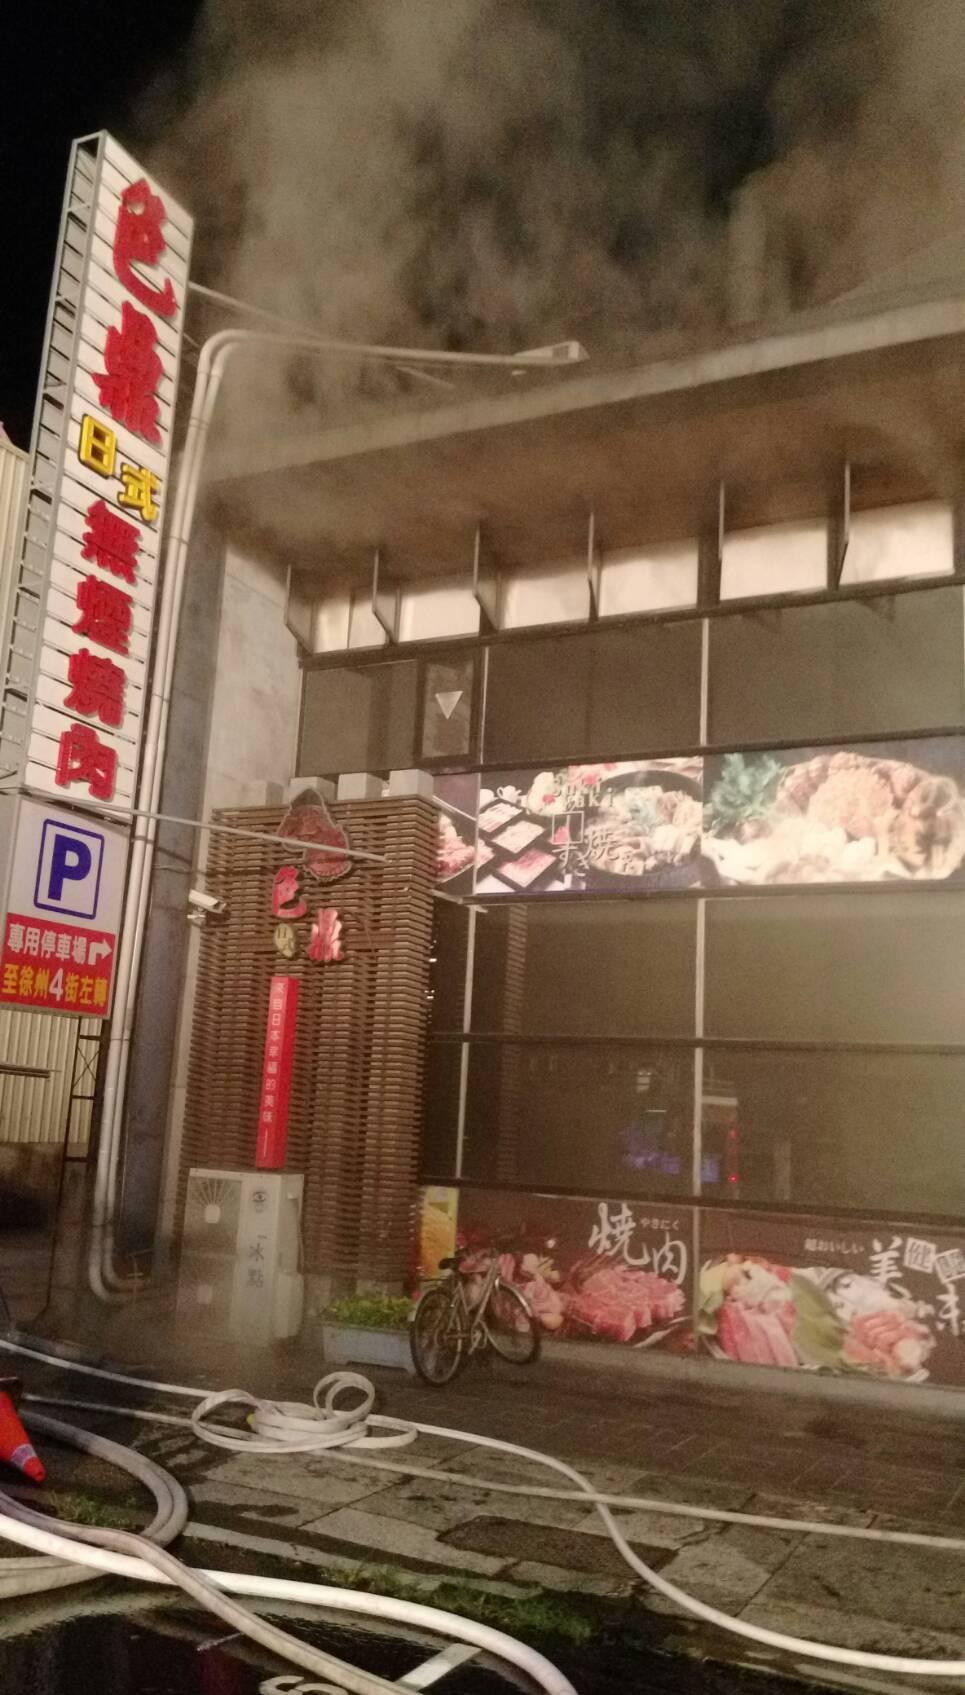 位於嘉義市興業西路上的色鼎燒烤店今天凌晨3點多被鄰居發現建物冒出大量濃煙,嘉義市...